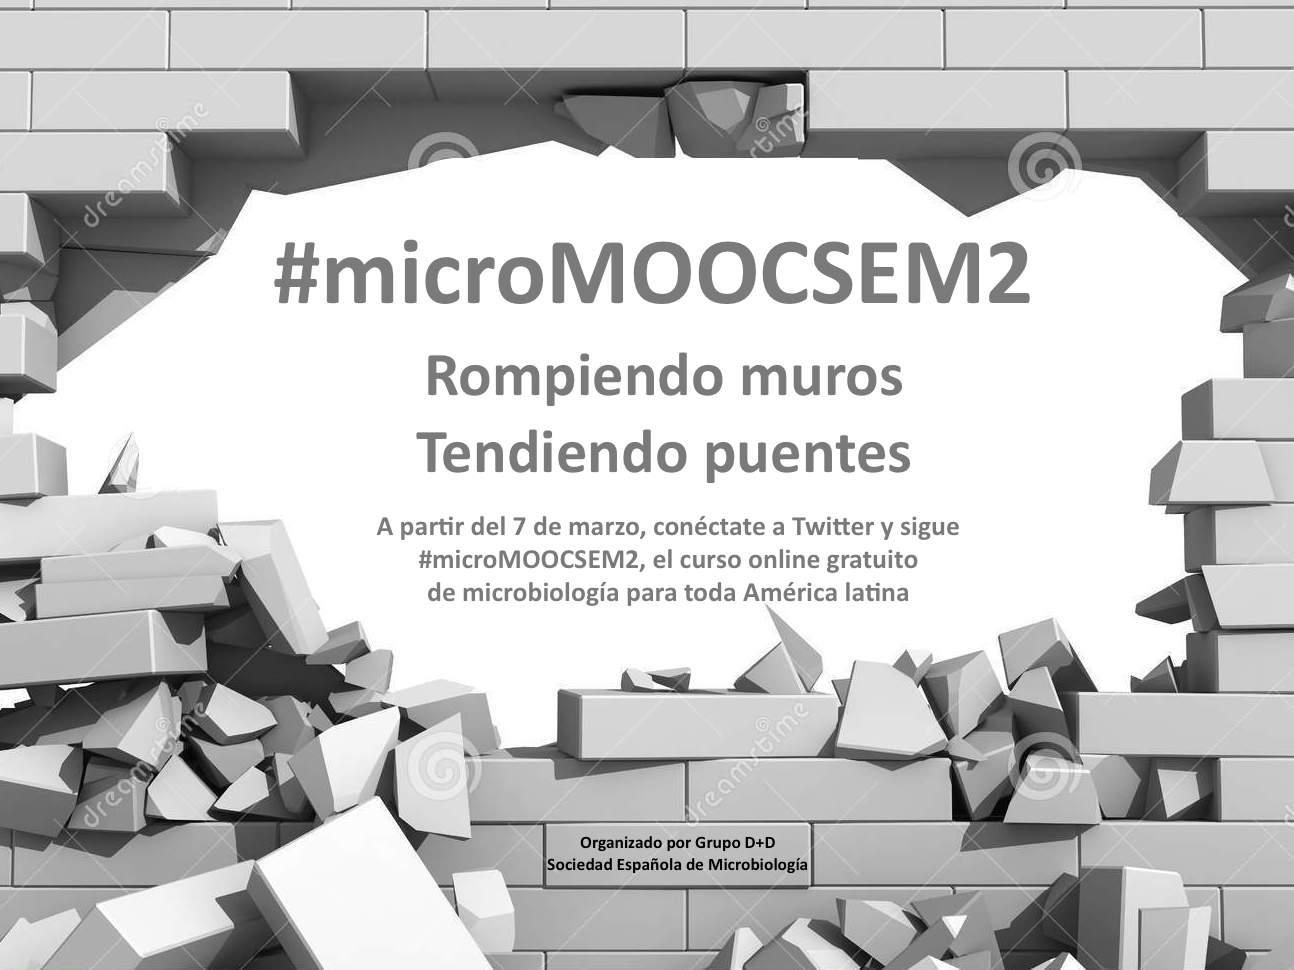 ¡Saludos desde Pamplona-España! #microMOOCSEM2 Recuerda un tuit por minuto durante unos 40 minutos. ¡RT y comparte! https://t.co/Nl82Eesies